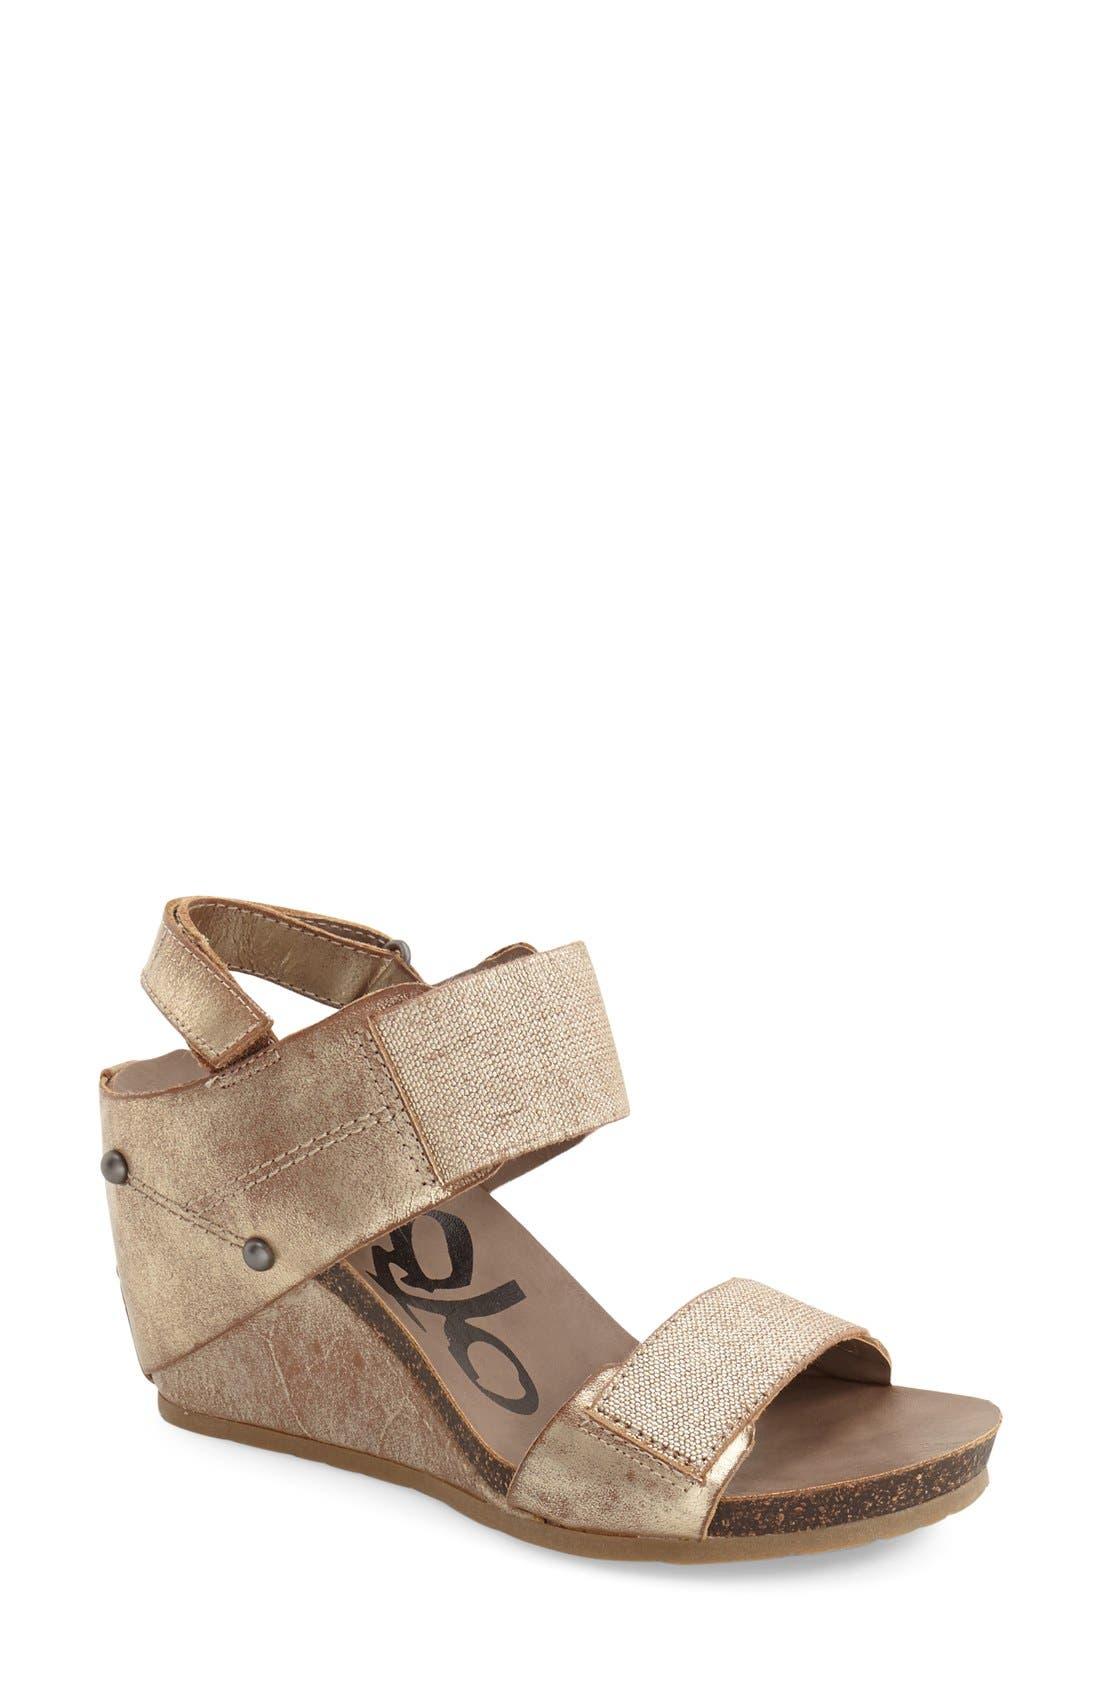 Alternate Image 1 Selected - OTBT 'Trailblazer' Wedge Sandal (Women)